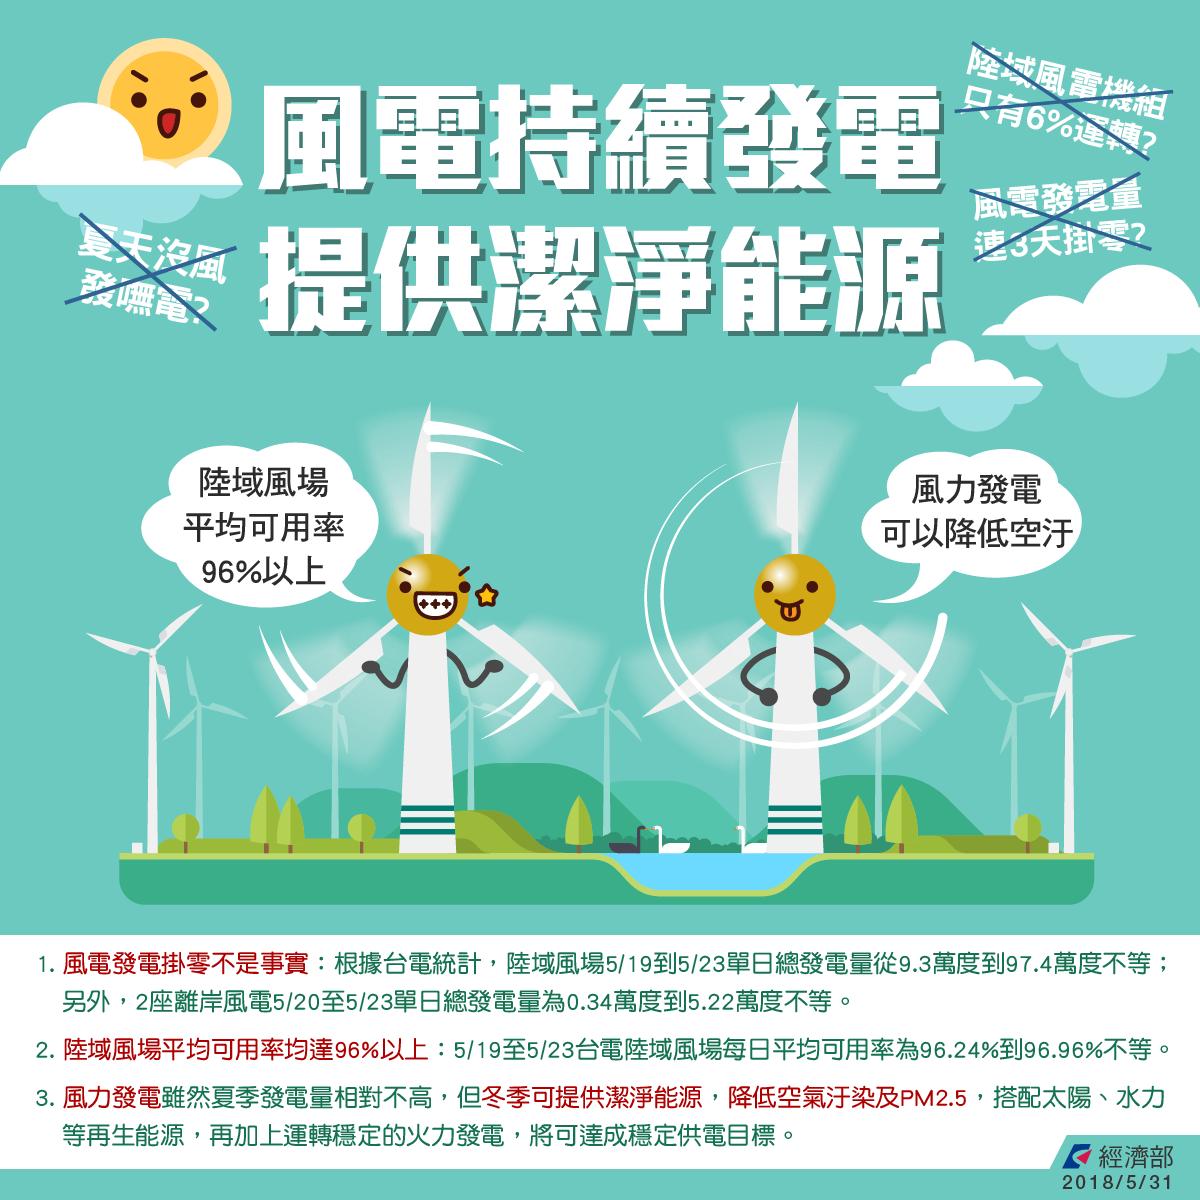 風電夏季持續發電 提供潔淨能源